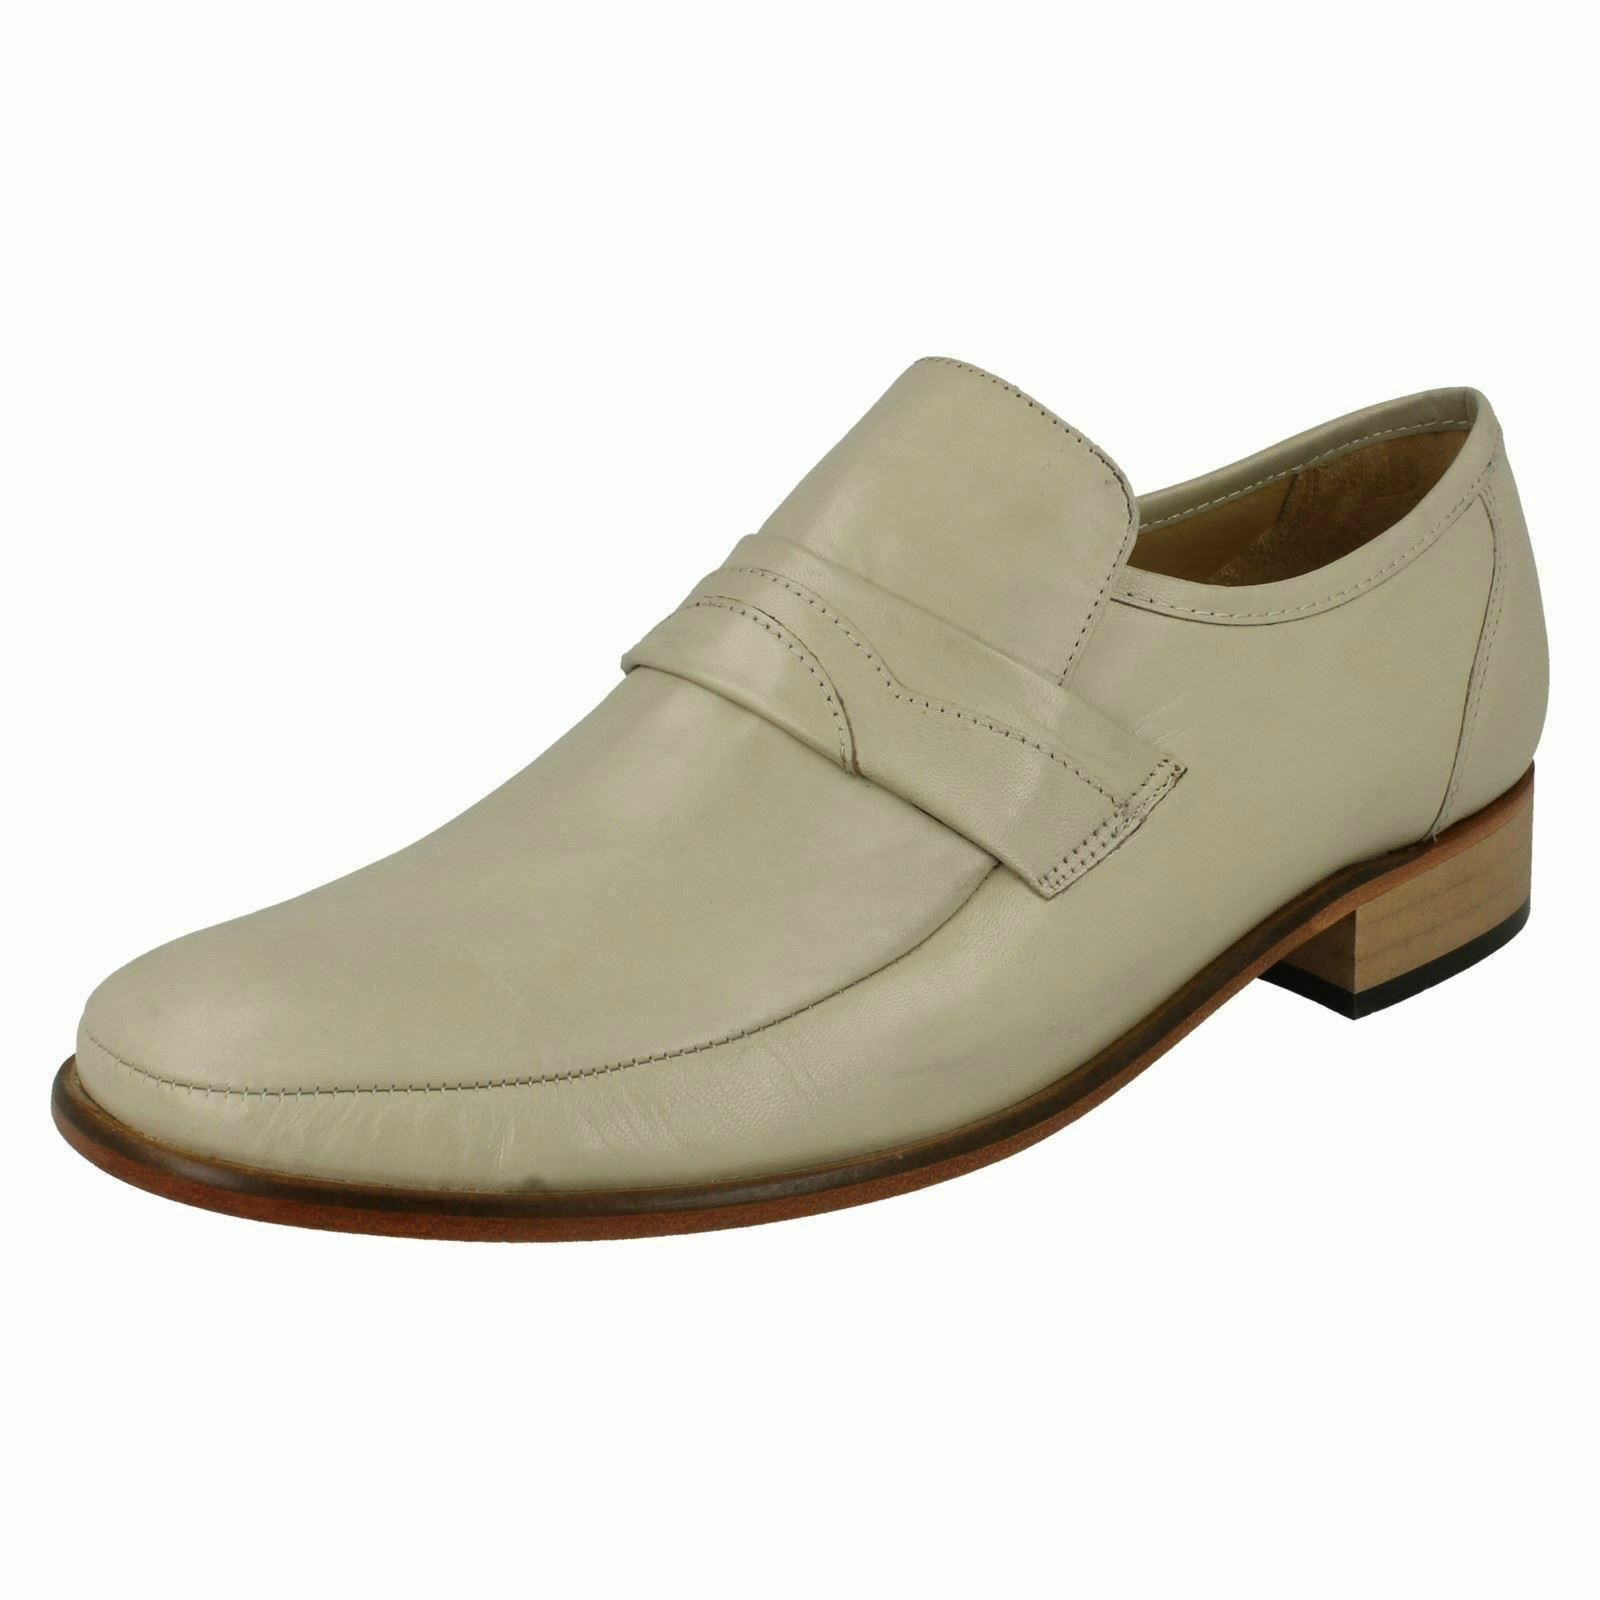 THOMAS BLUNT Swindon Mens Ivory Leather Slip on Shoe